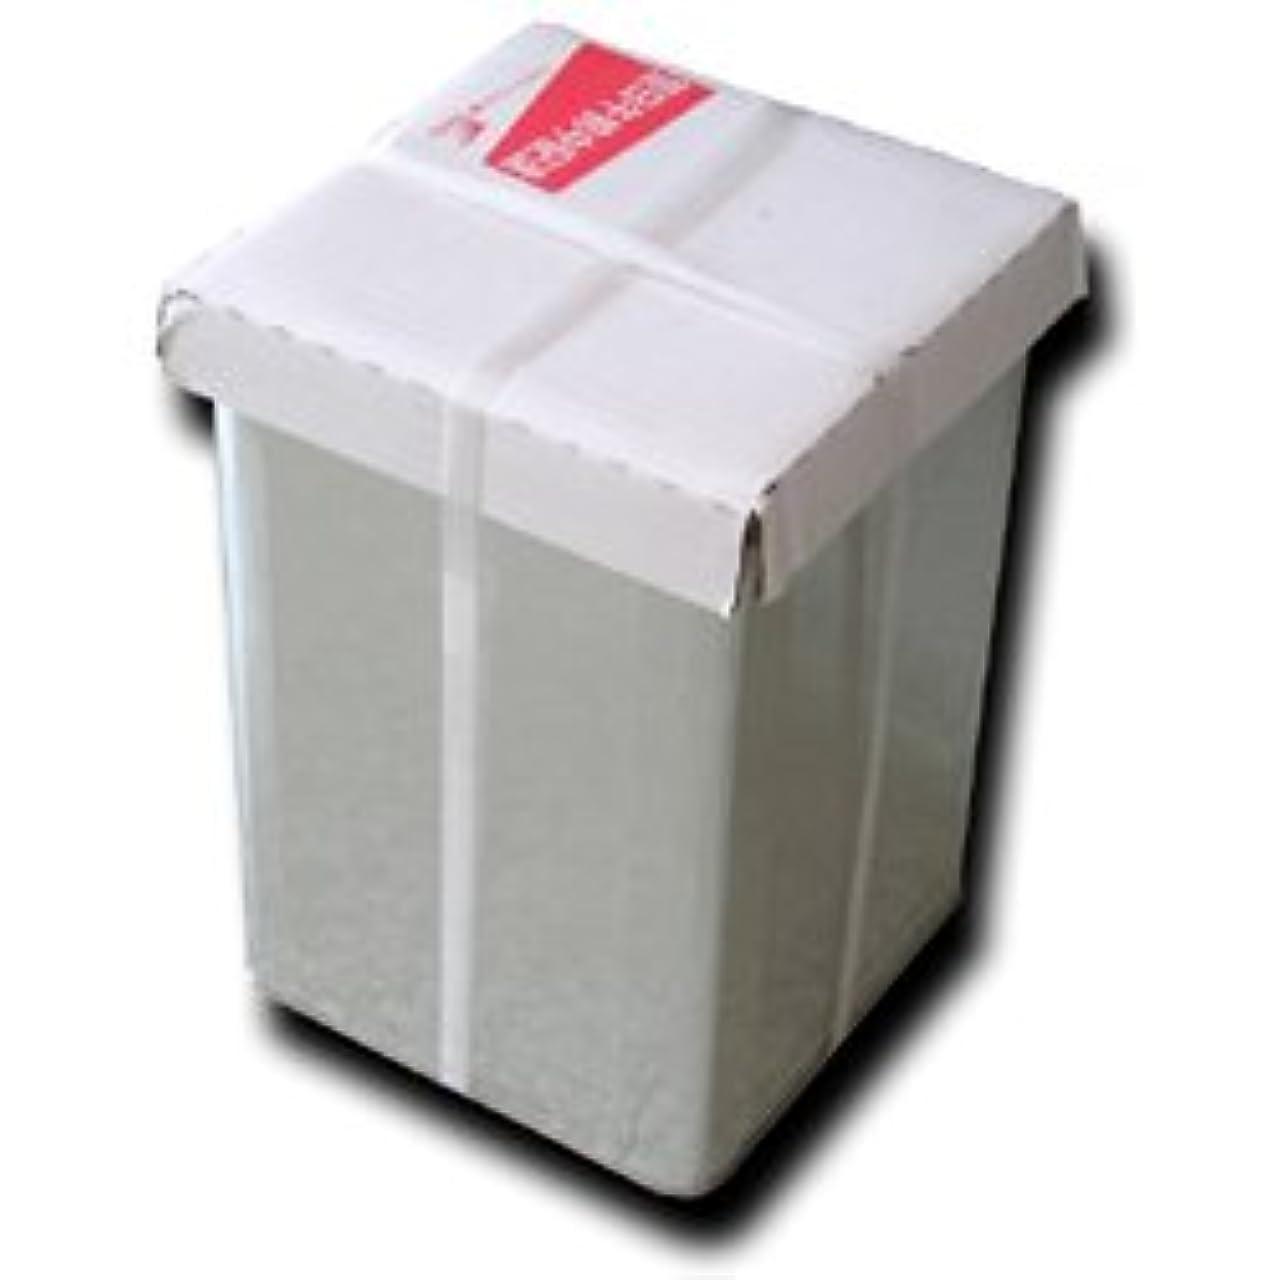 うめき声写真勢い業務用 DHA油 ドコサヘキサエン酸 16kg×1缶 卸用